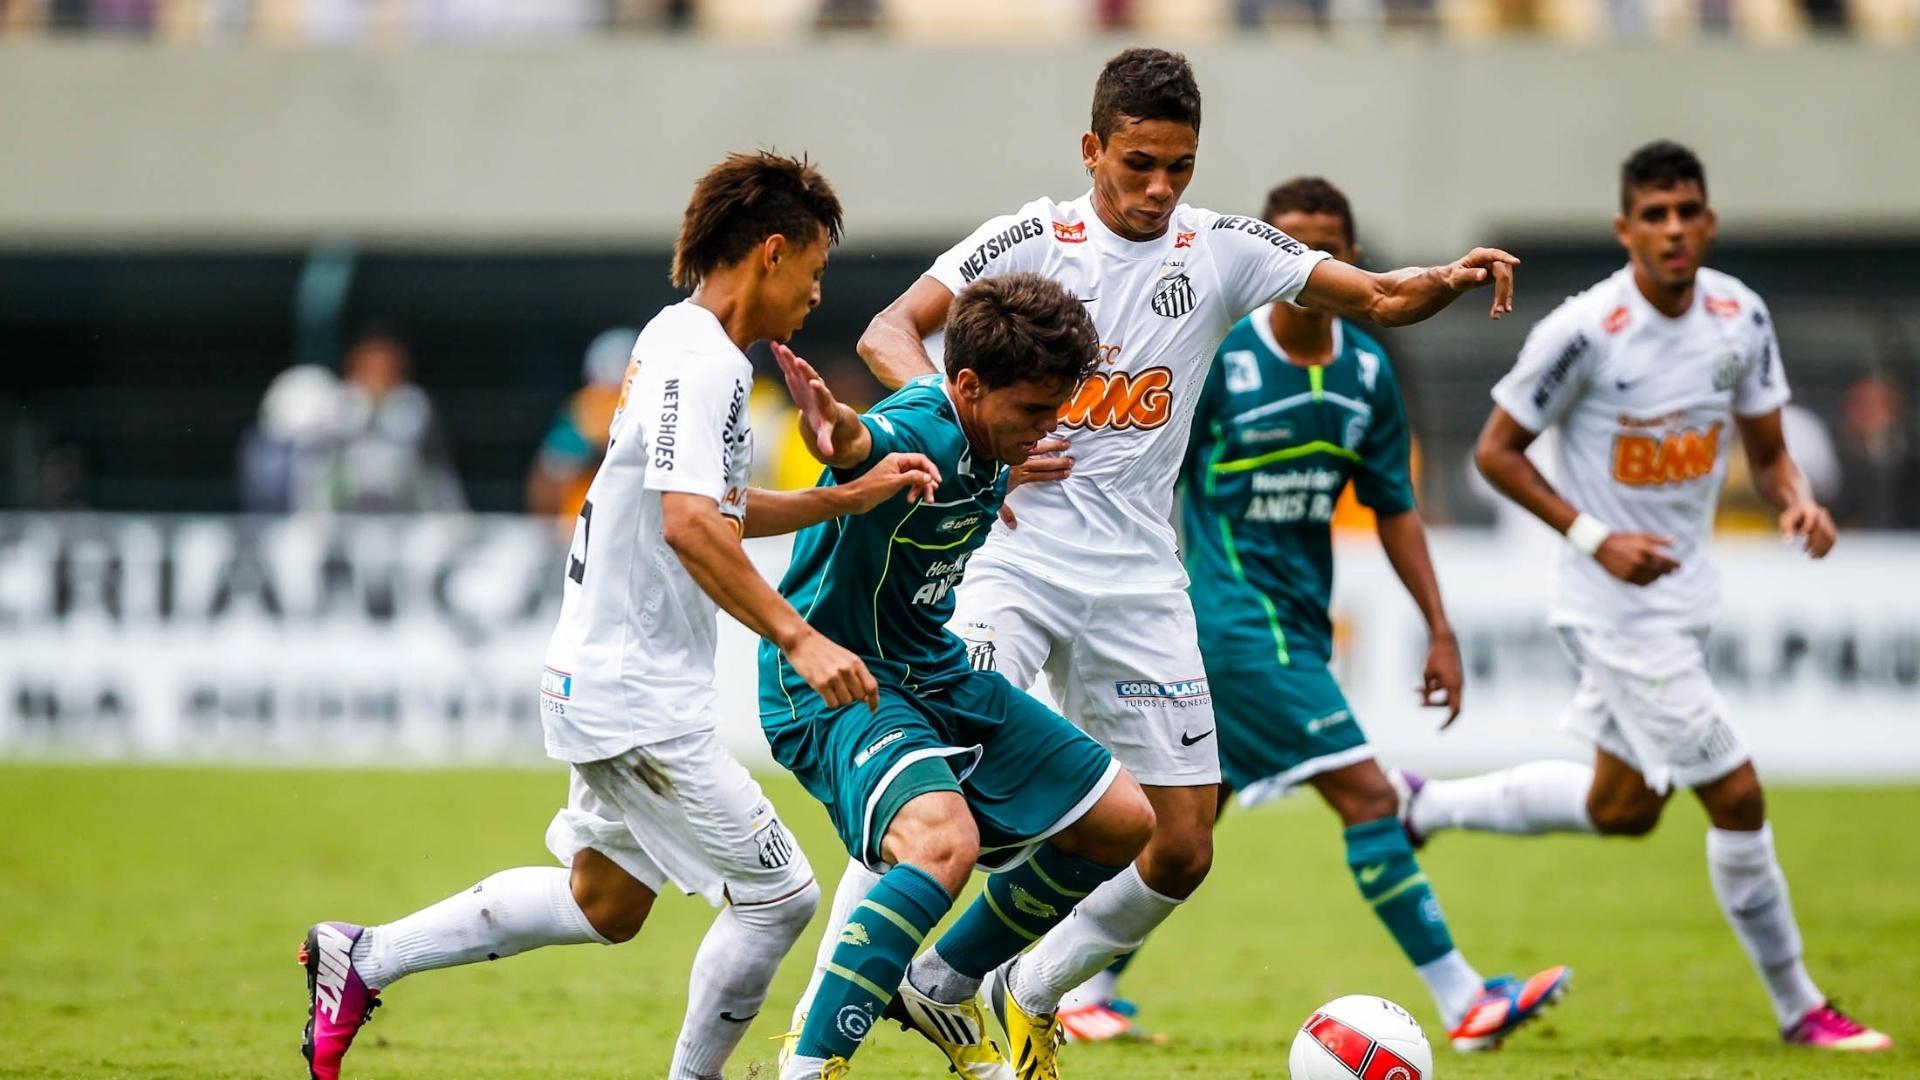 25.jan.2013 - Neílton e Leandrinho disputam bola com jogador do Goiás na decisão da Copa SP